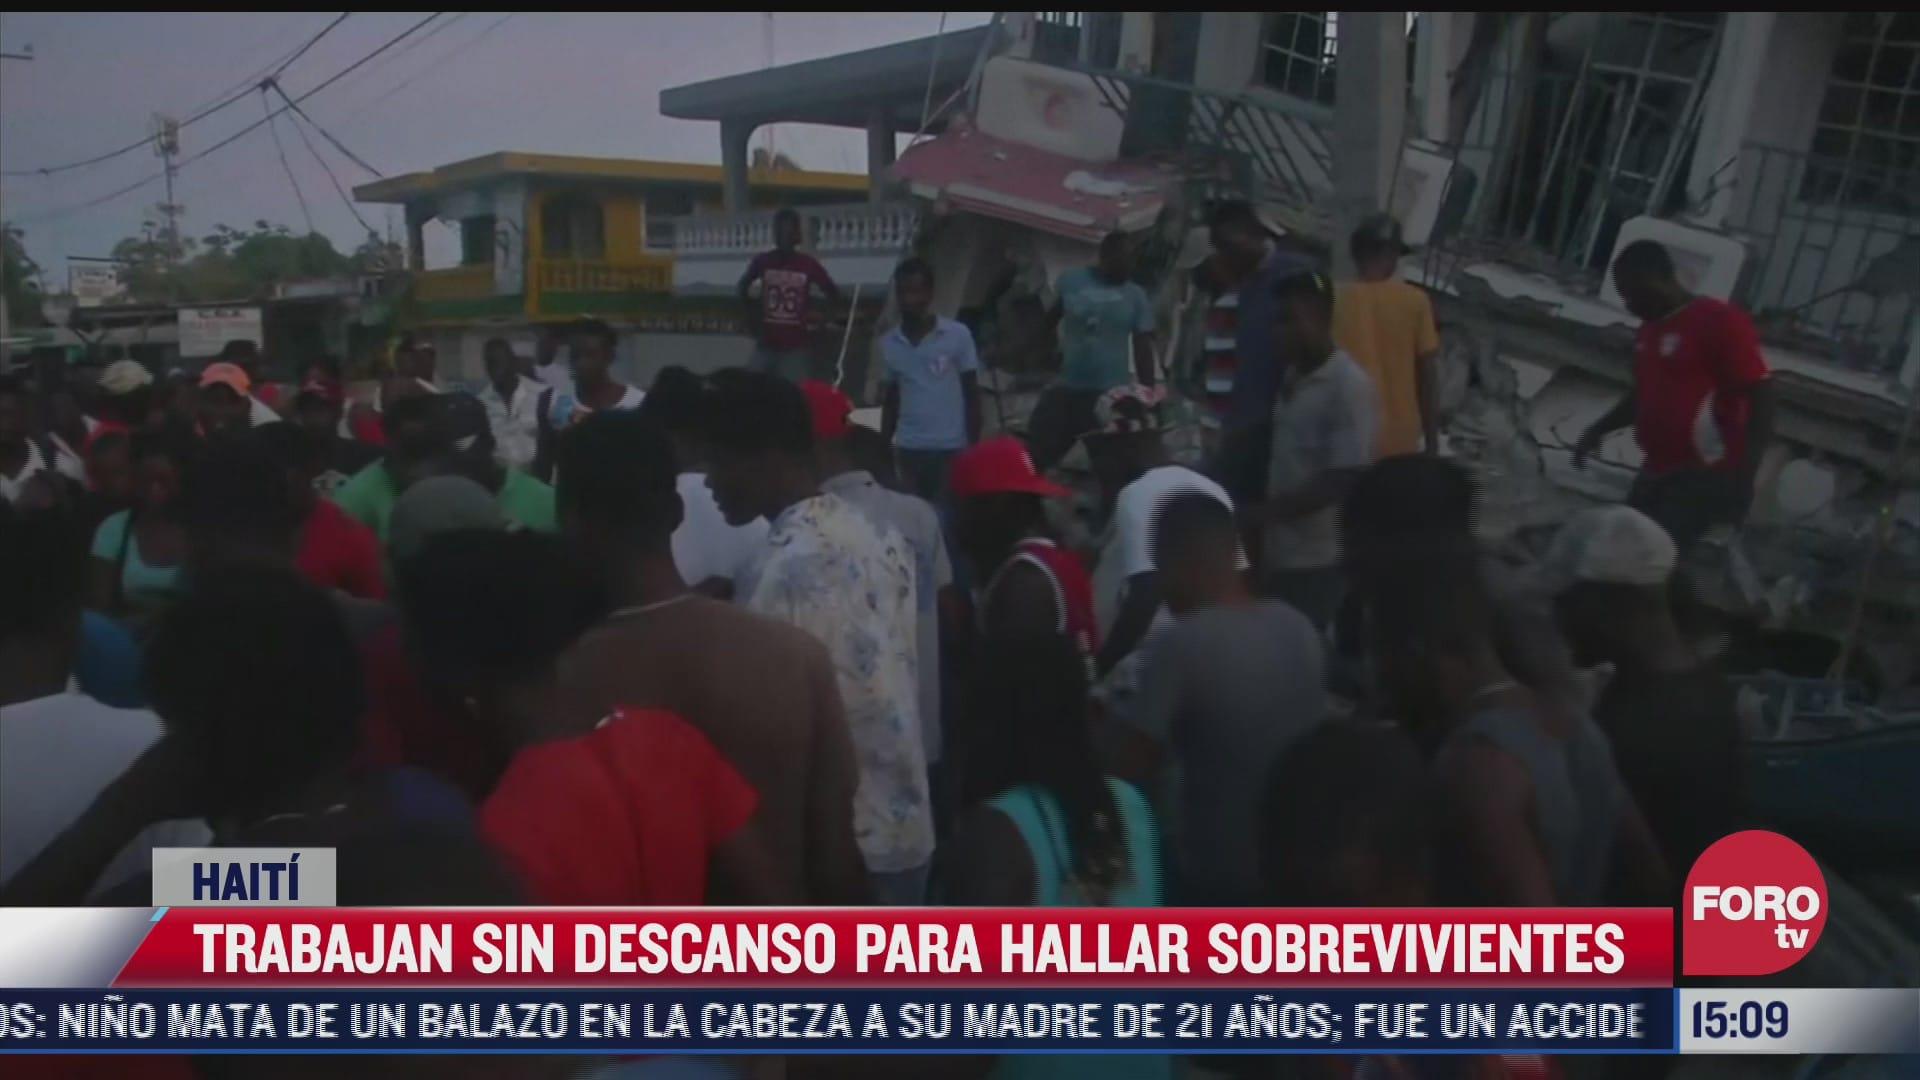 trabajan sin descanso para hallar sobrevivientes en haiti